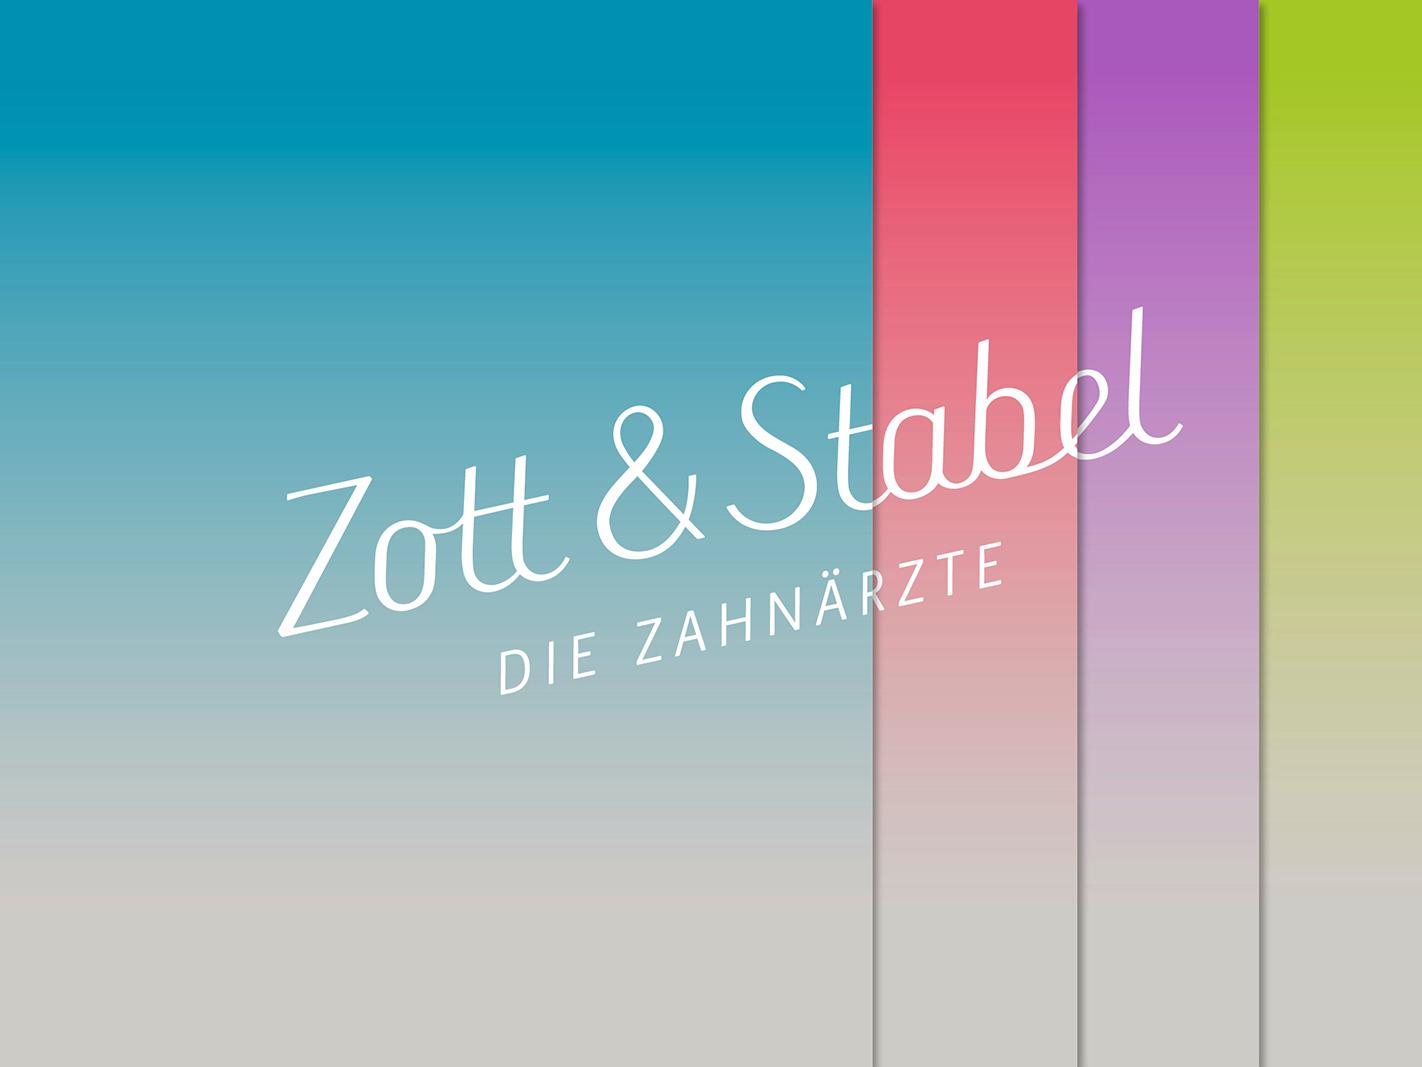 ATK-ZUS-Zahnaerzte-Zahnarzt-Corporate-Design-2.jpg